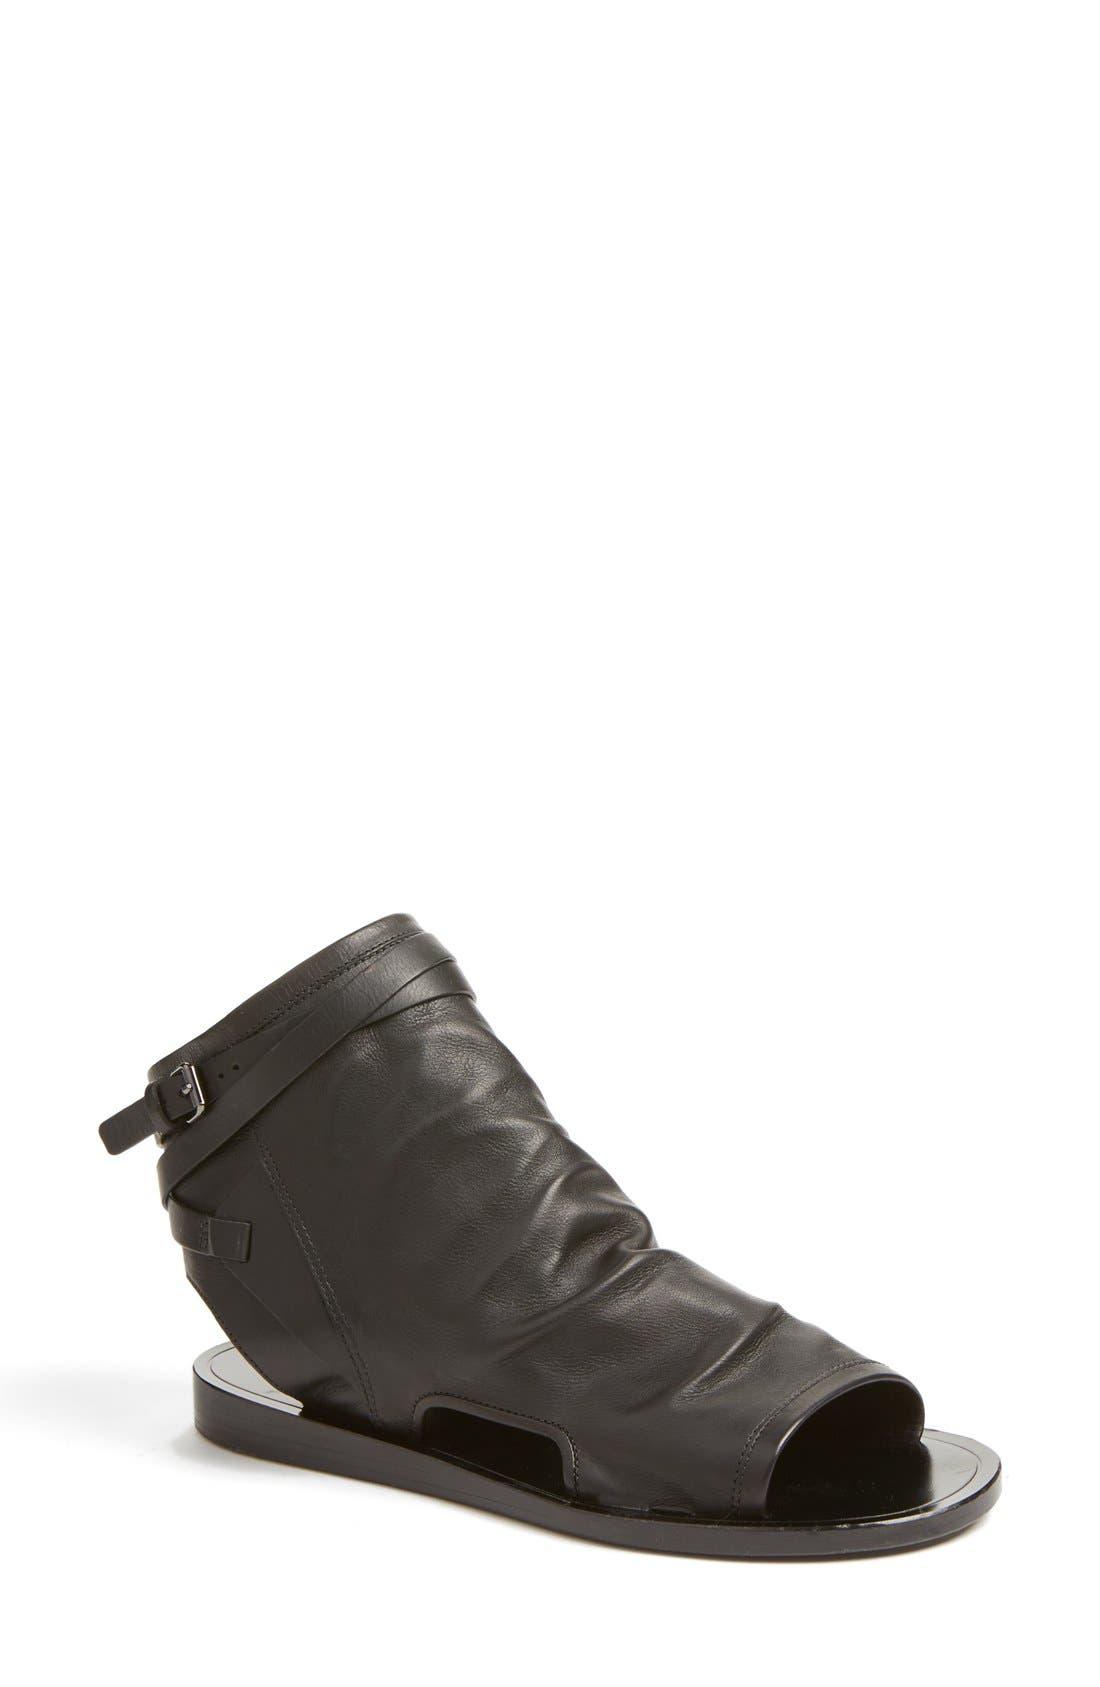 VINCE 'Thalia' Sandal